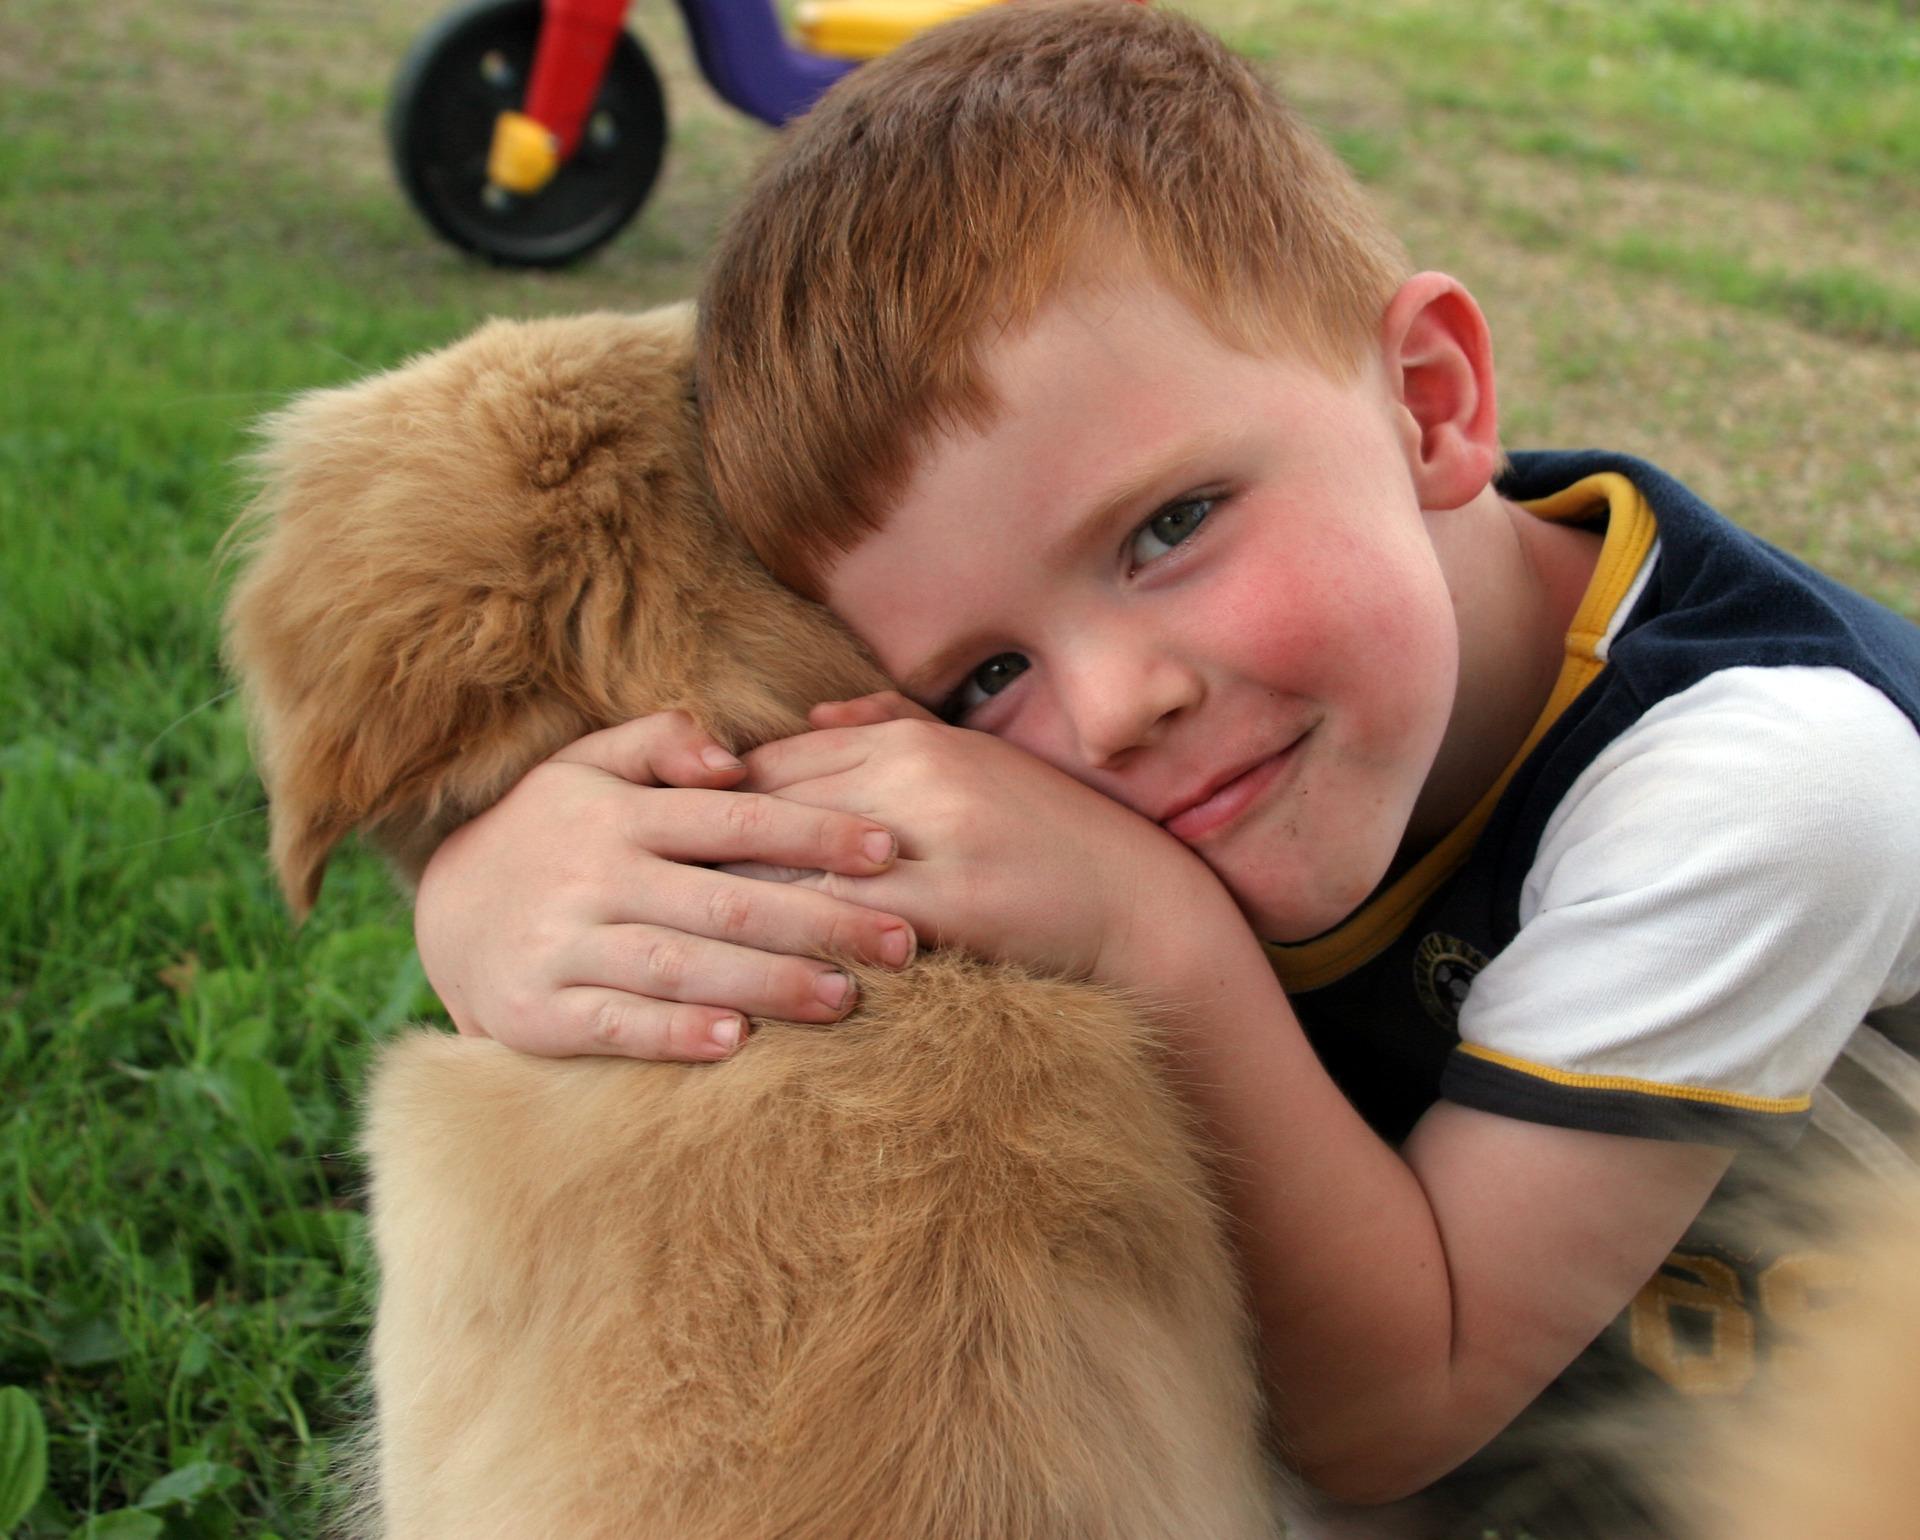 boy cuddling puppy dog in garden